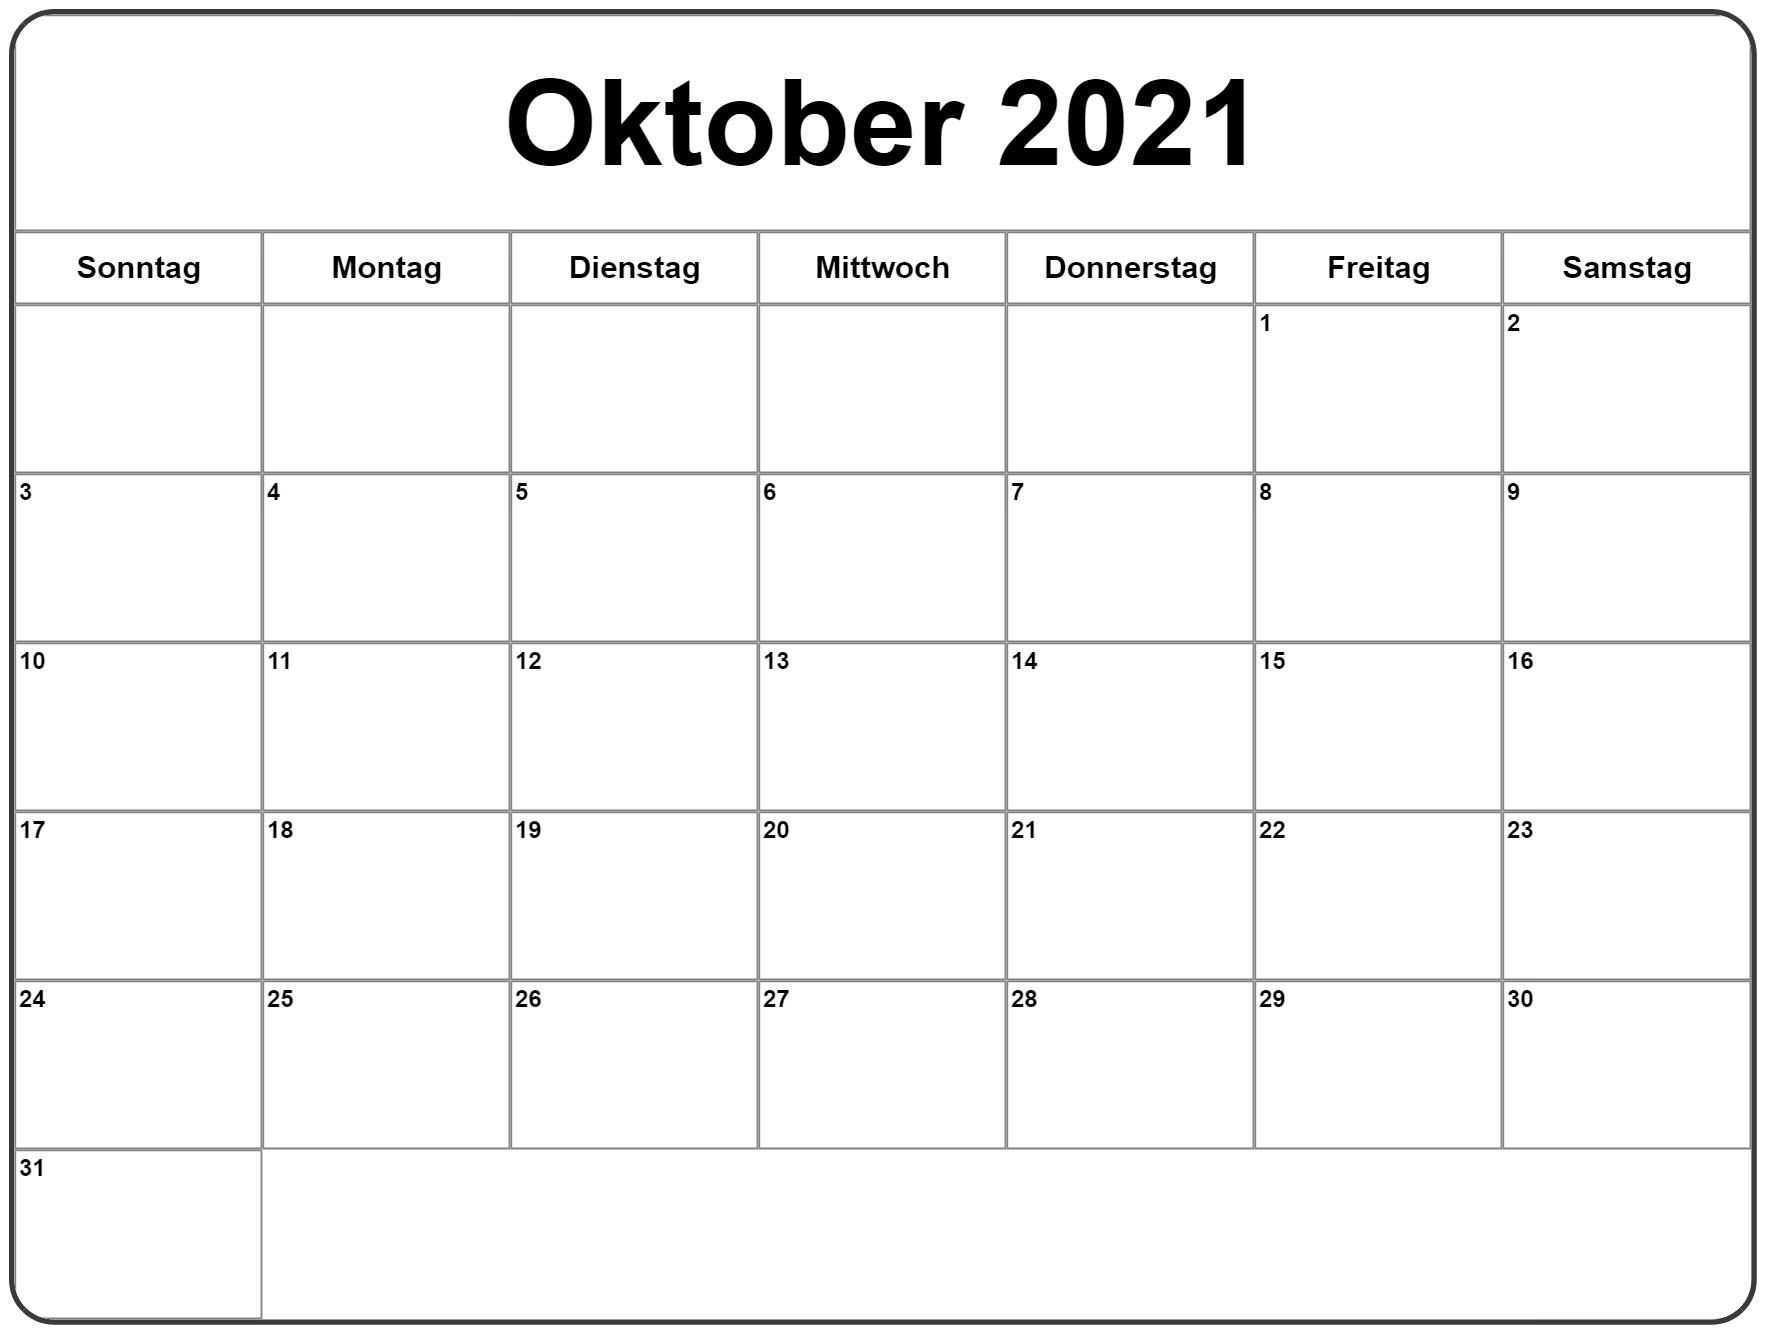 Oktober 2021 Kalender Zum Ausdrucken 2019 Kalender Kalender Vorlagen Kalender